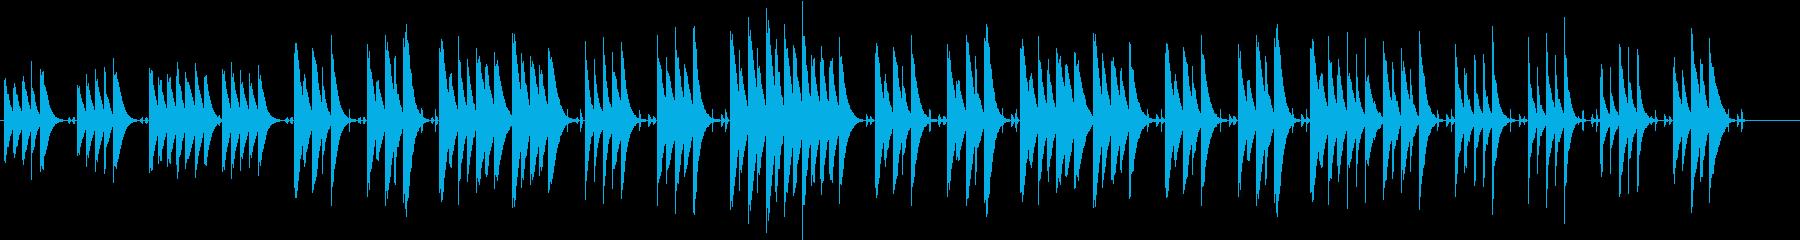 木琴の音がメインのほのぼのとした曲の再生済みの波形